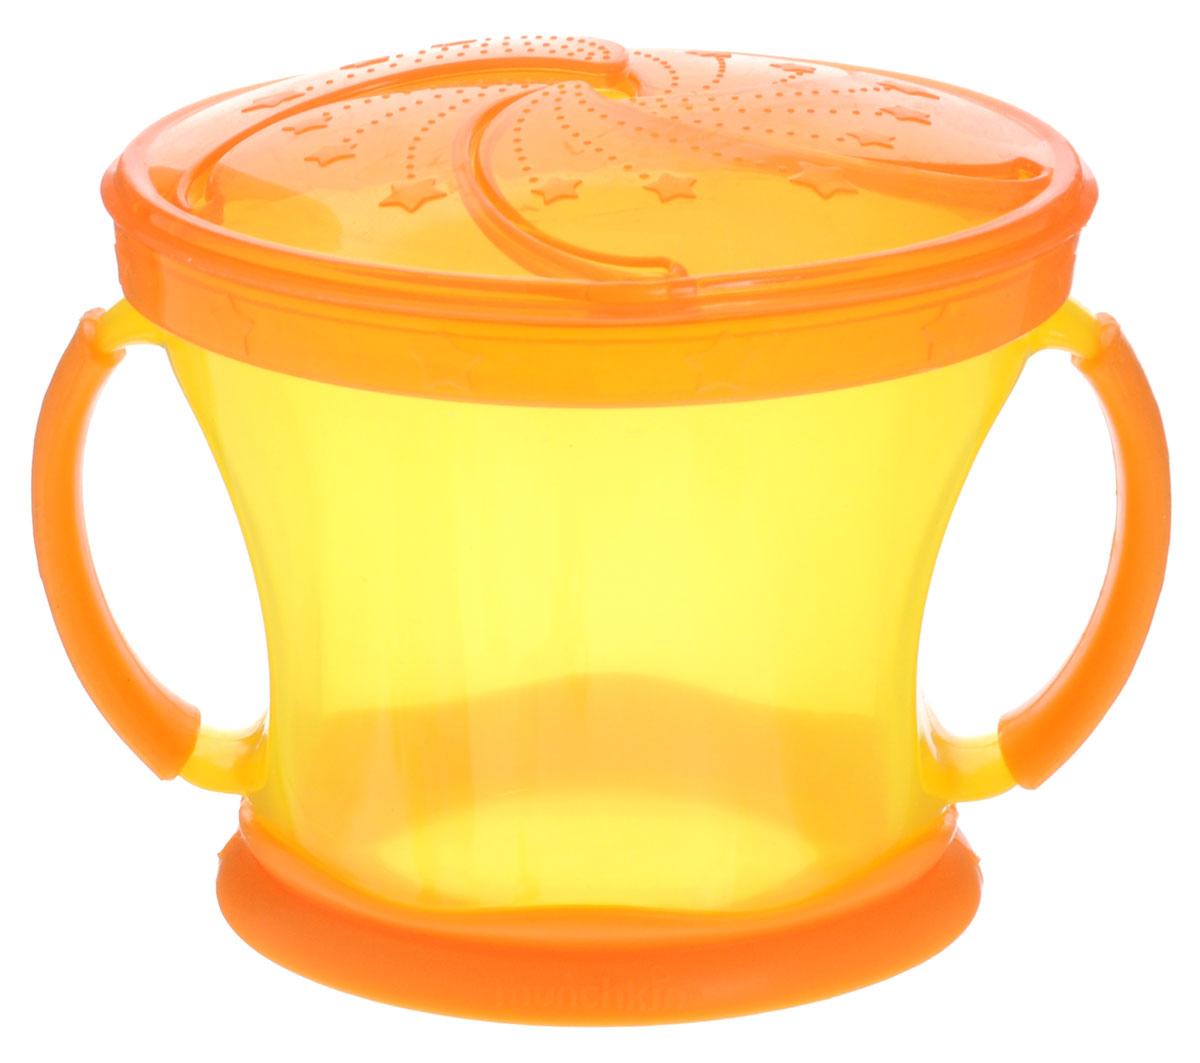 Munchkin Контейнер Поймай печенье, цвет: желтый, оранжевый11006_желтый-оранжевыйКонтейнер с ручками Munchkin Поймай печенье выполнен из безопасного пластика. Он идеально подходит, если нужно покормить малыша на ходу, чтобы закуска осталась в контейнере, а не на полу, не на сиденье автомобиля или коляски! Мягкие силиконовые лепестки-закрылки помогают ребенку подкрепиться самостоятельно, но предотвращают рассыпание содержимого контейнера. Регулируемая крышка позволит малышу вытащить печенья или других продуктов ровно столько, сколько сможет положить в рот за один раз, контейнер не откроется, даже если упадет и перевернется. Мягкие закрылки на крышке позволяют достать печенье или кусочки другой еды, минимально испачкав пальцы.